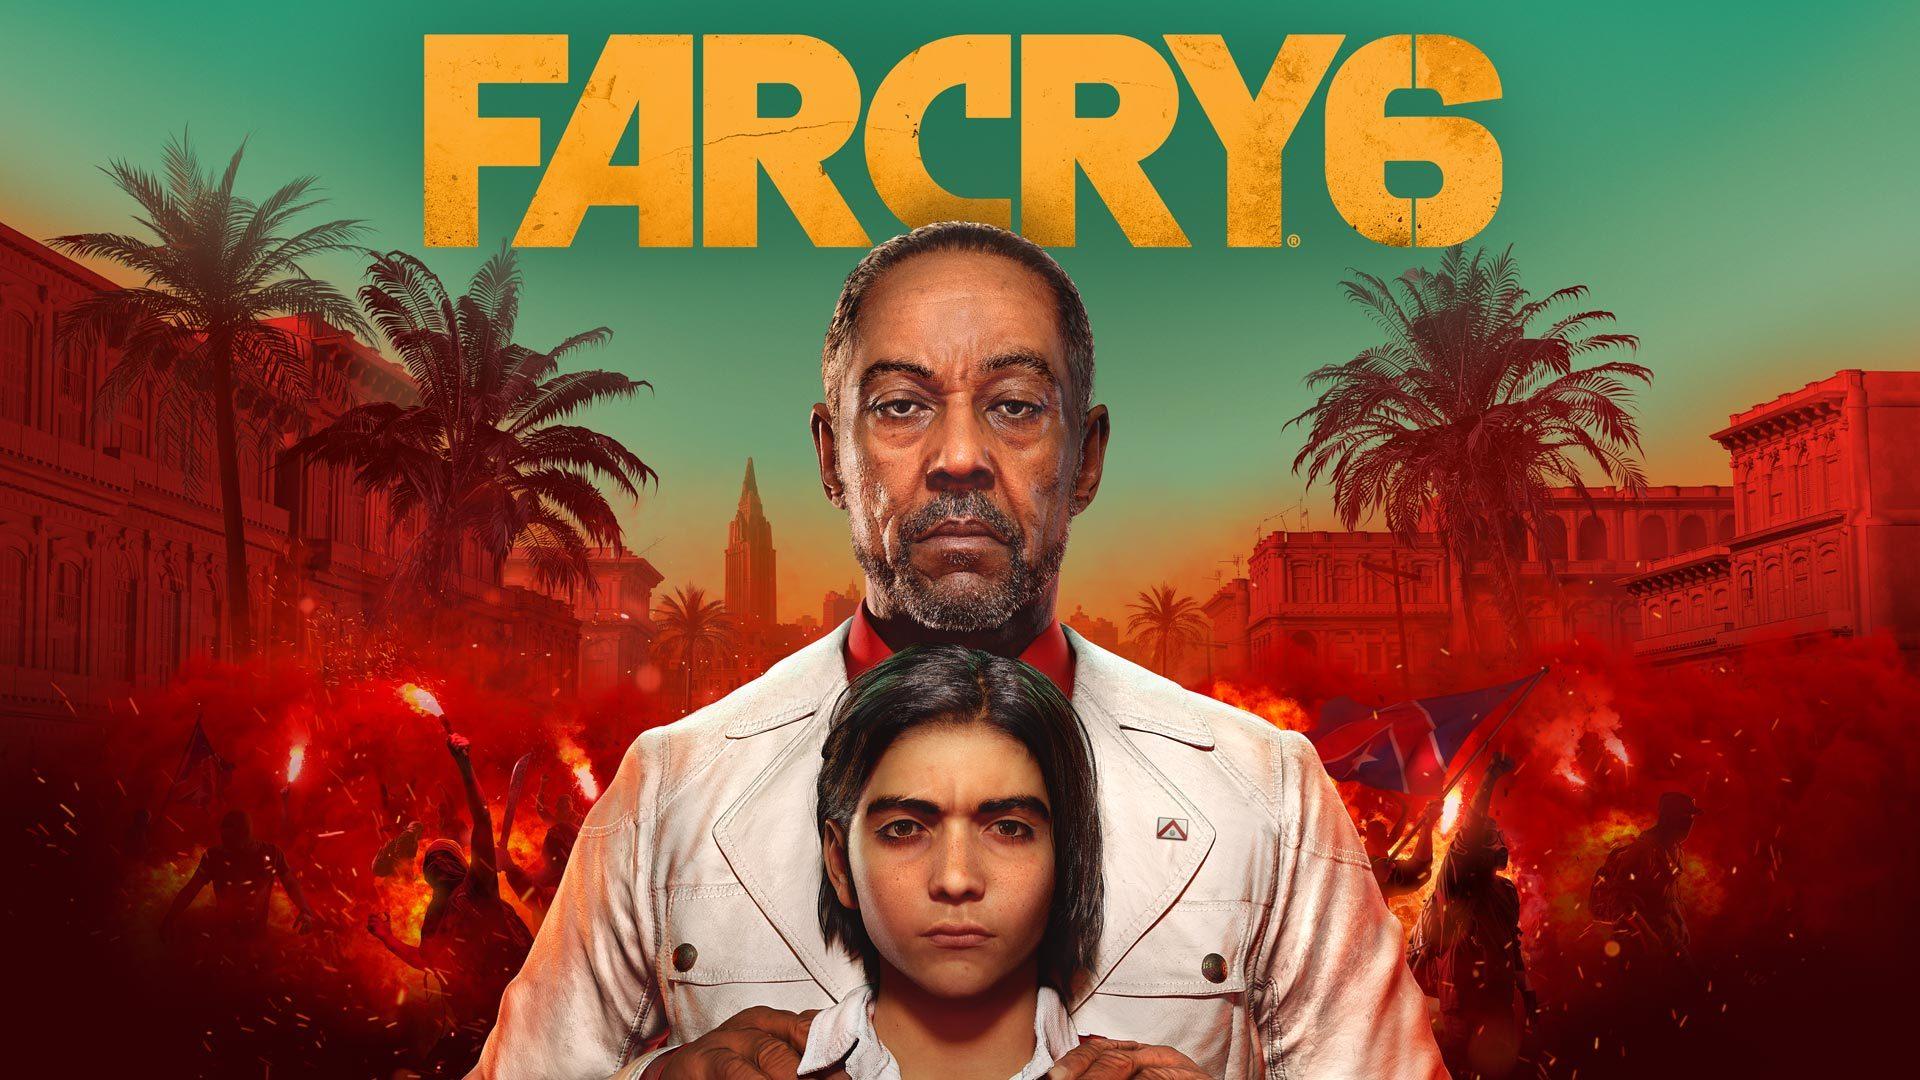 FarCry 6 da lo que promete: Diversión a raudales.